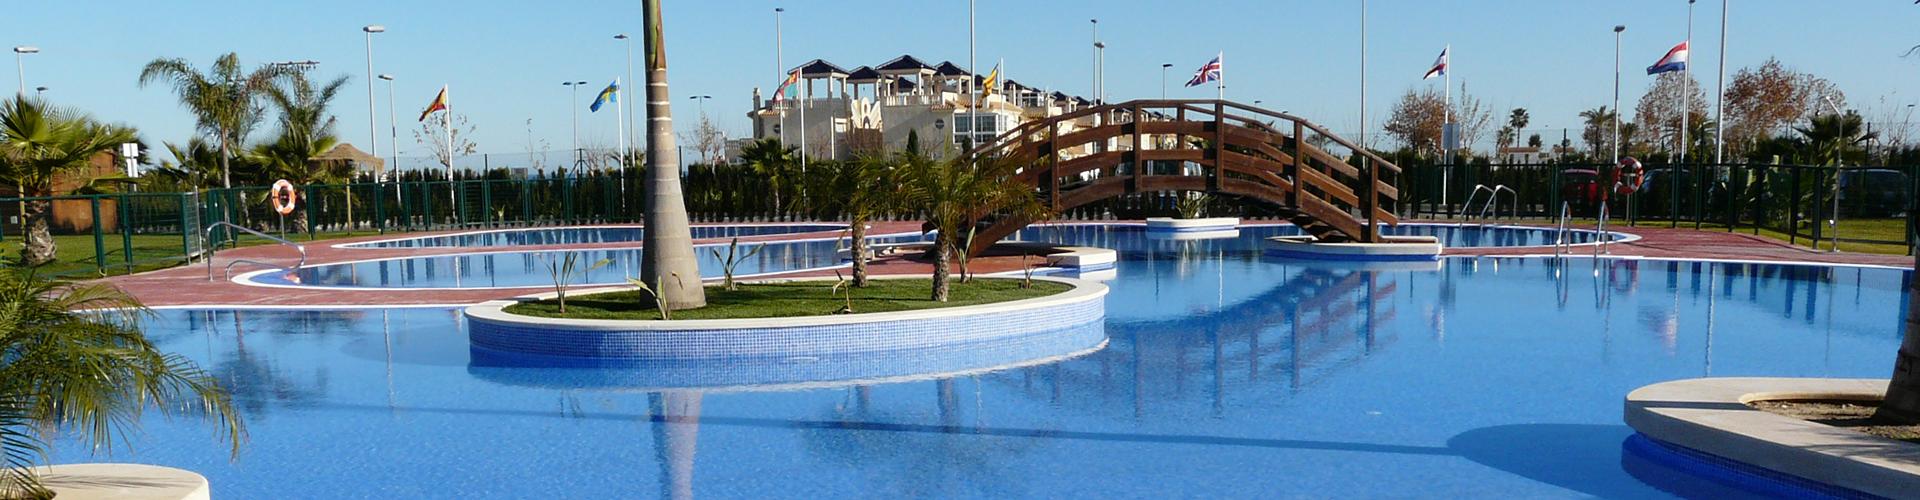 Lo Monte piscina al sol